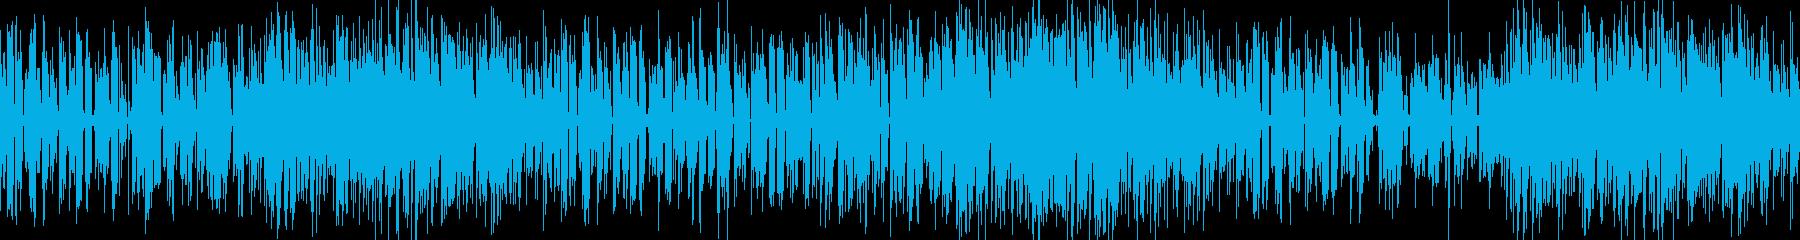 お洒落なジャズピアノトリオ17 ループの再生済みの波形